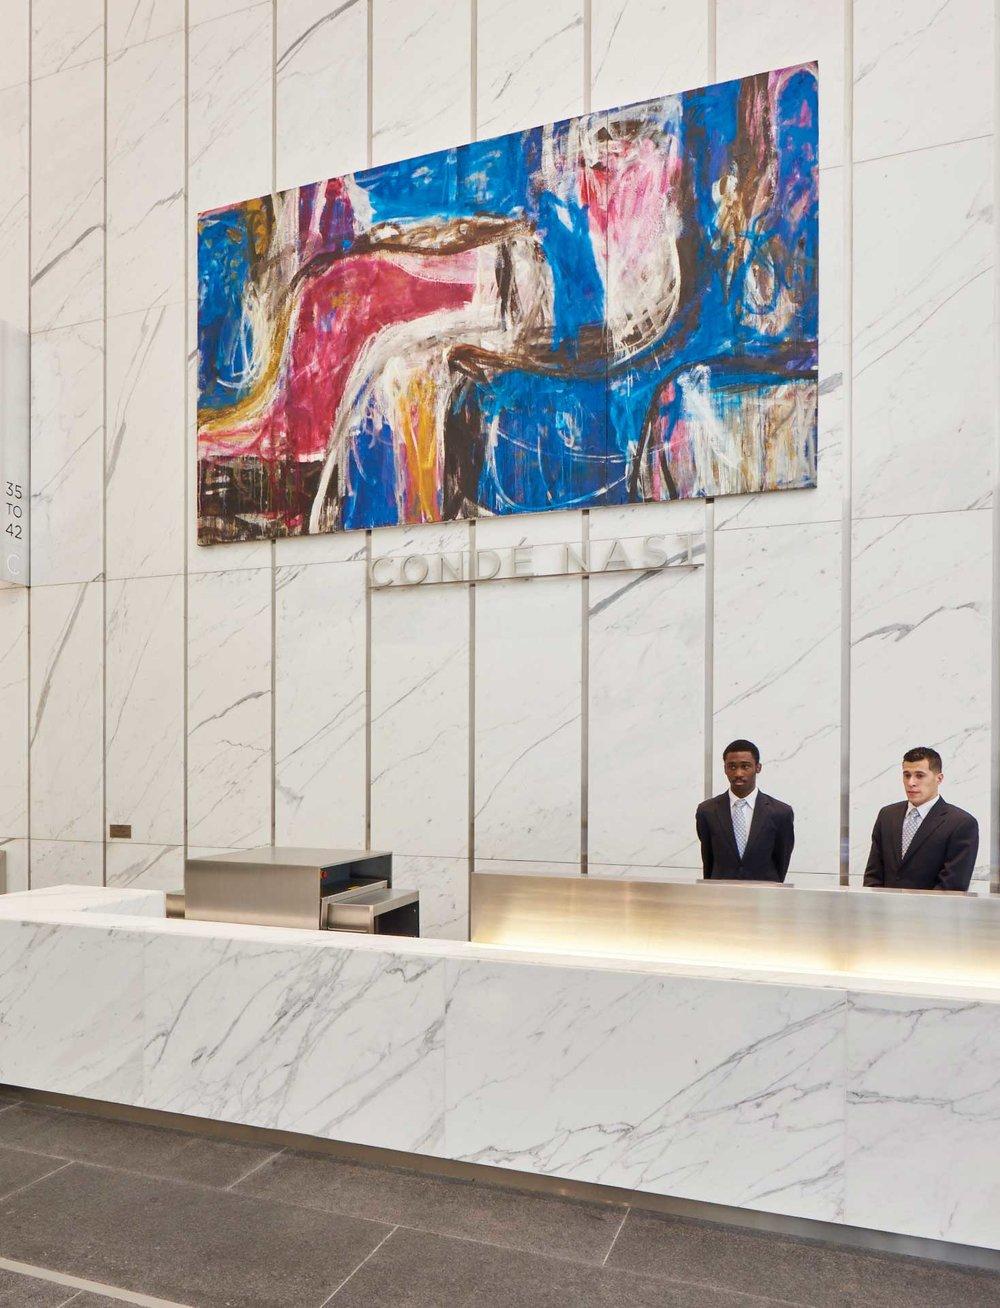 Fritz-Bultman-Blue-Triptych---North-lobby-CROPPED.jpg